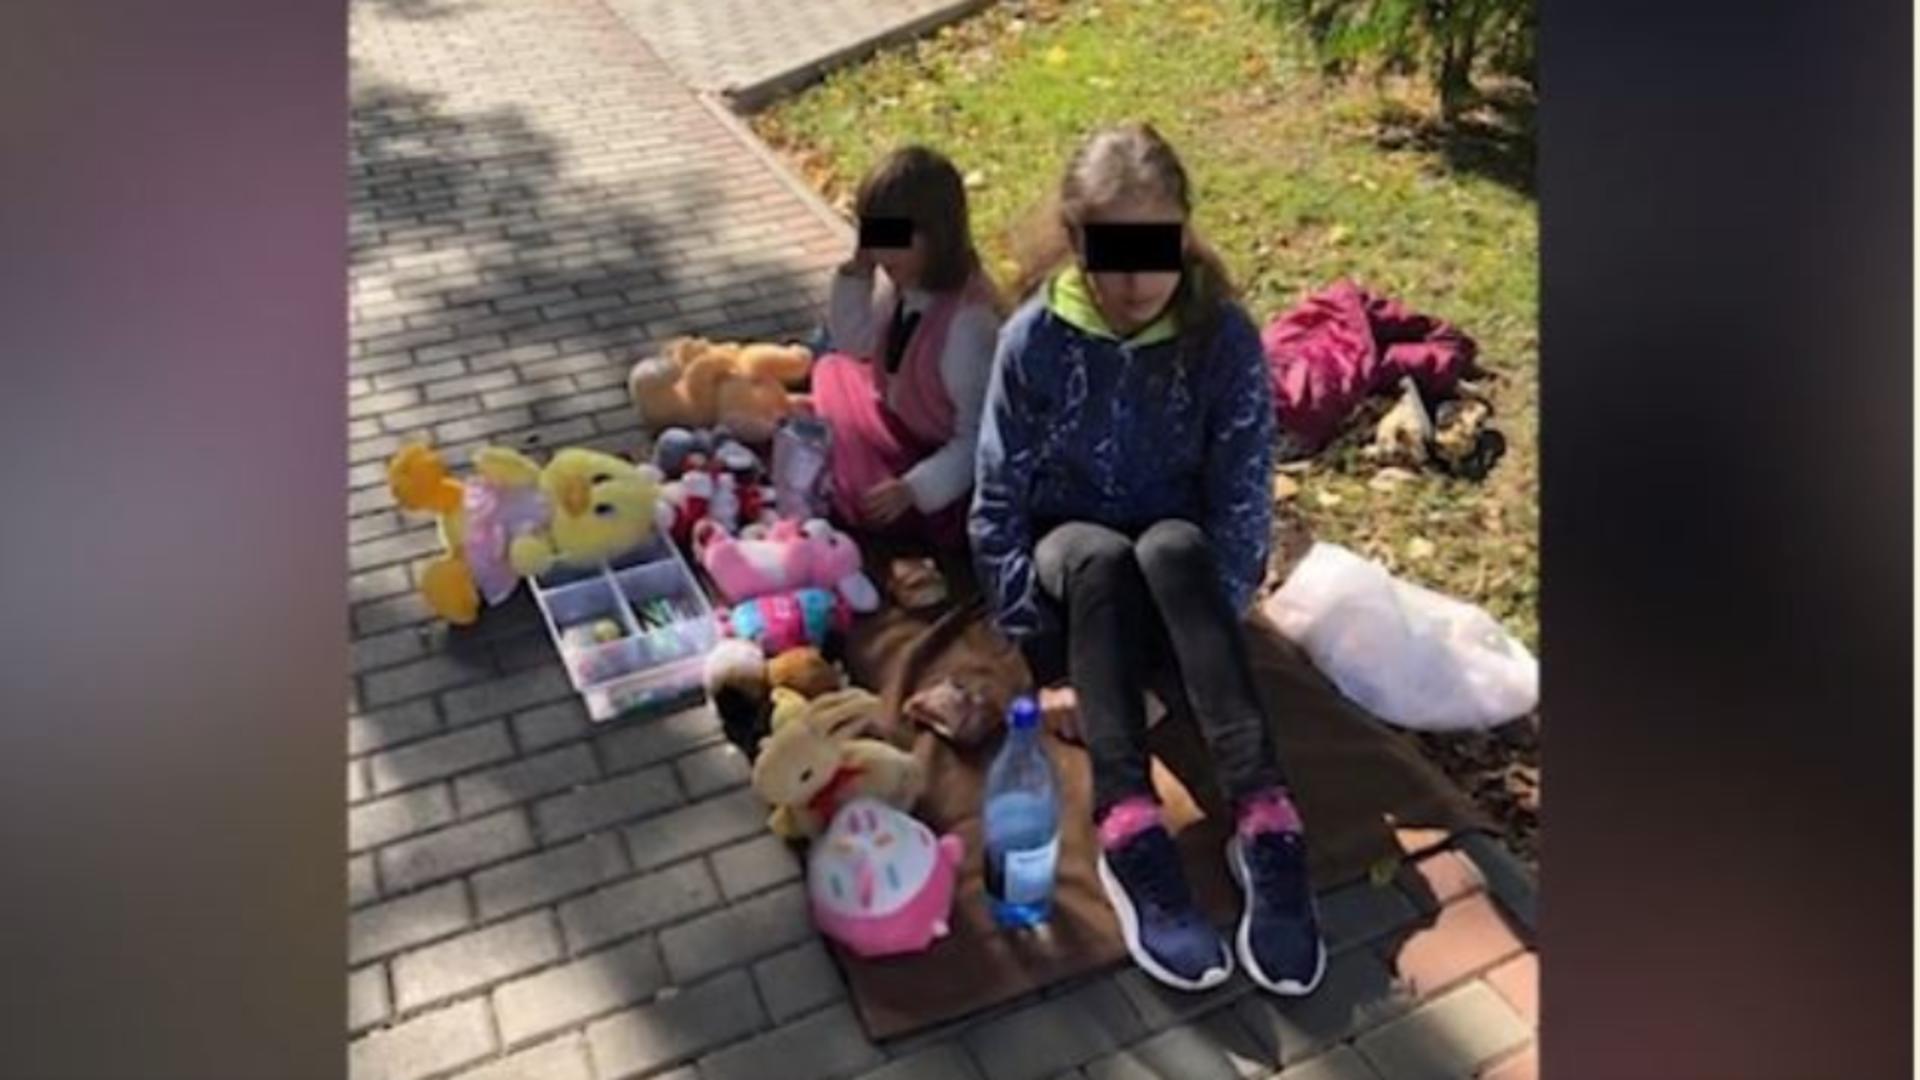 Două fetițe își vând jucăriile pe o pătură, în fața unui liceu